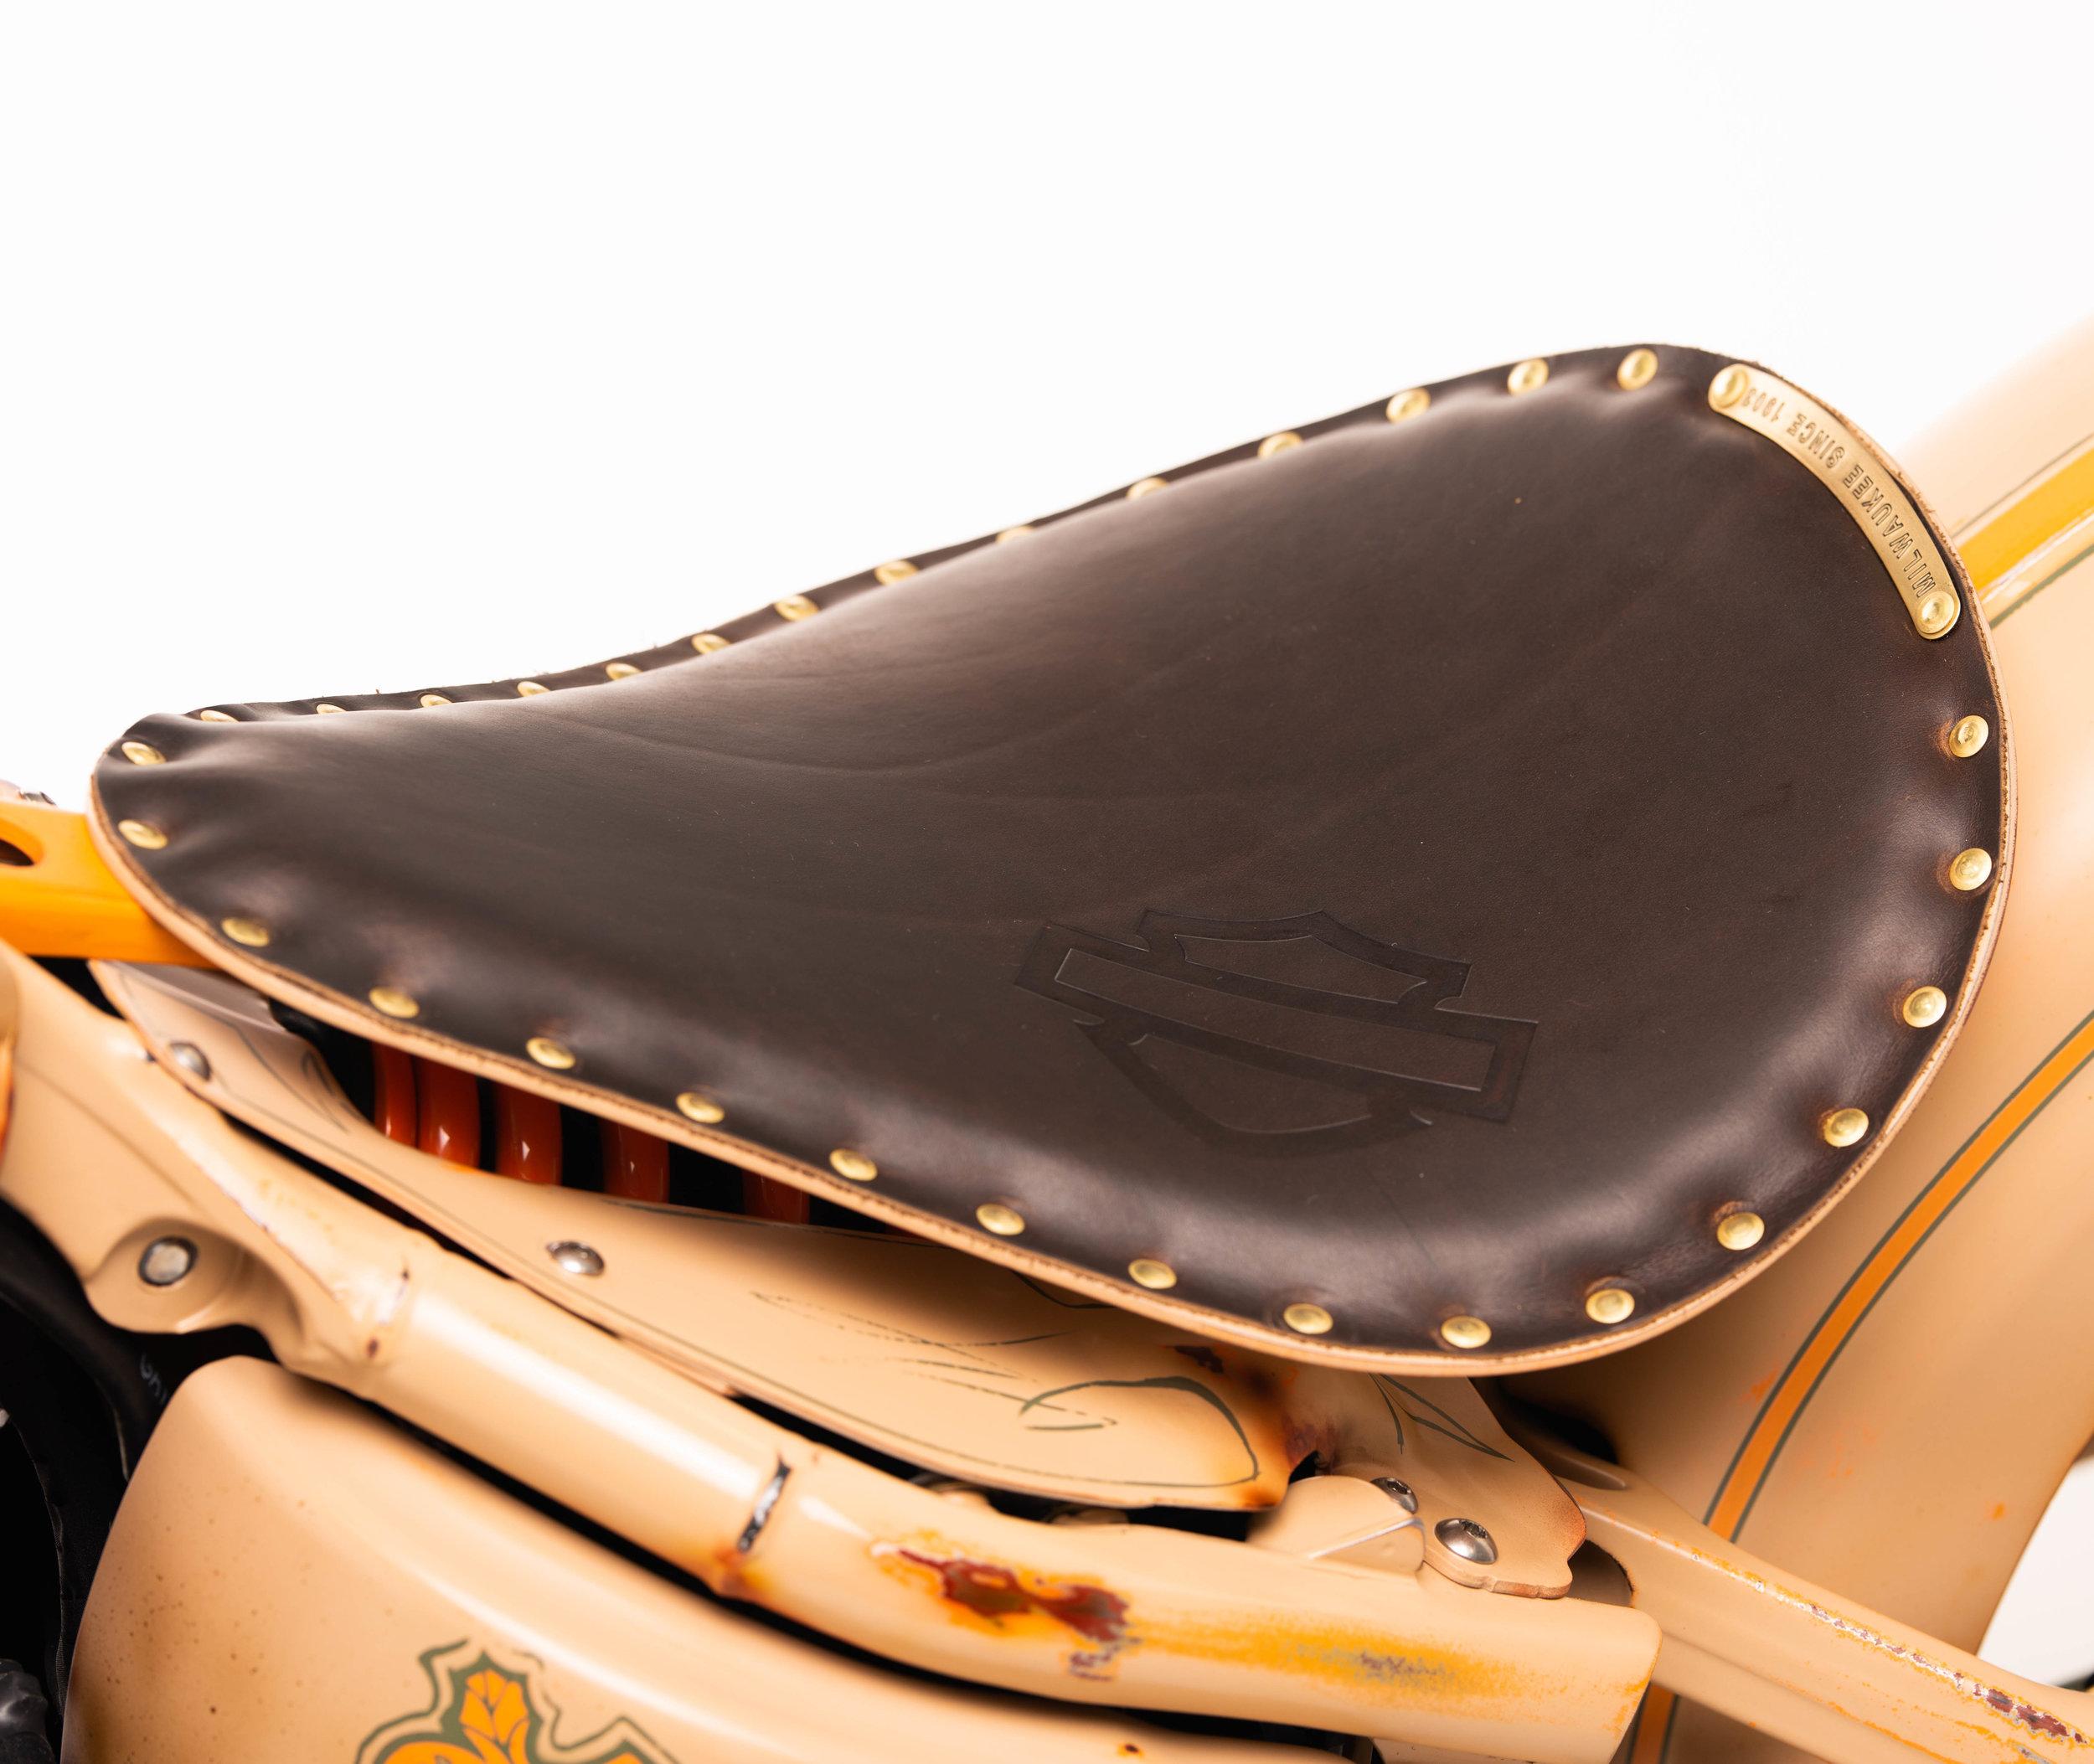 Harley-Davidson Bobber Solo Saddle - Part No. 52000381